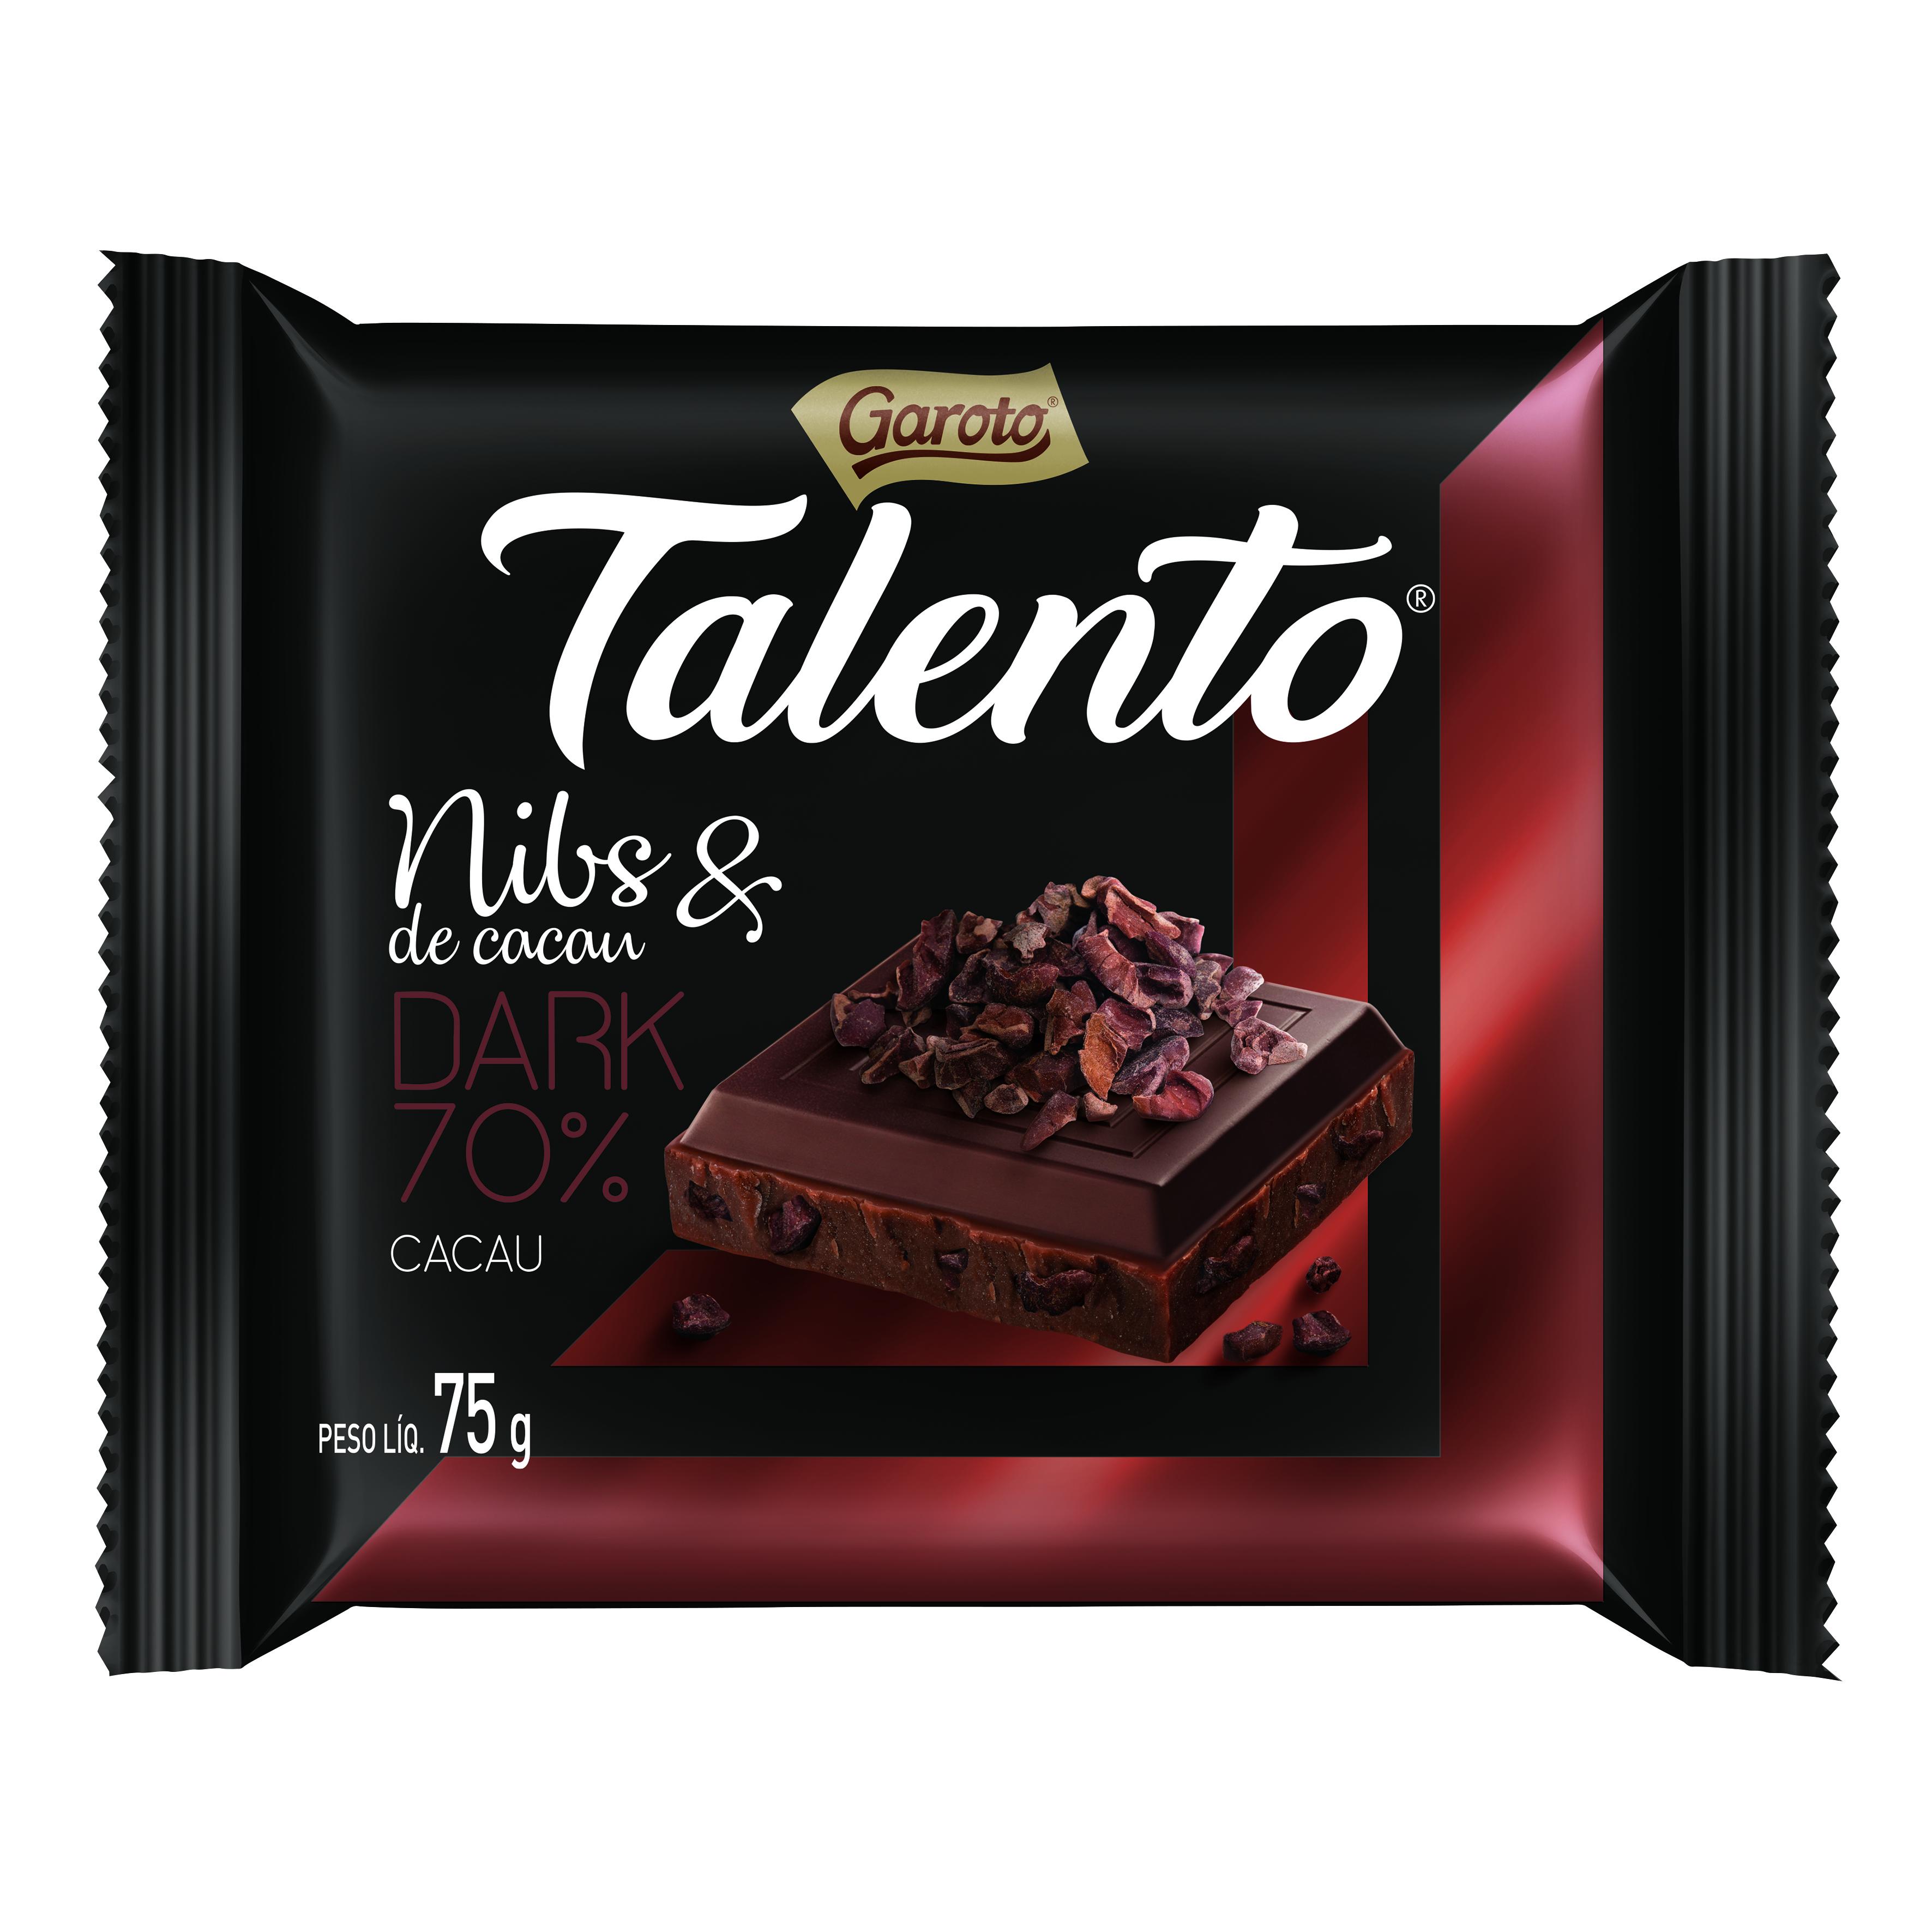 Chocolate Nibs de Cacau & Dark 70% Cacau 75g Garoto/Talento unidade UN